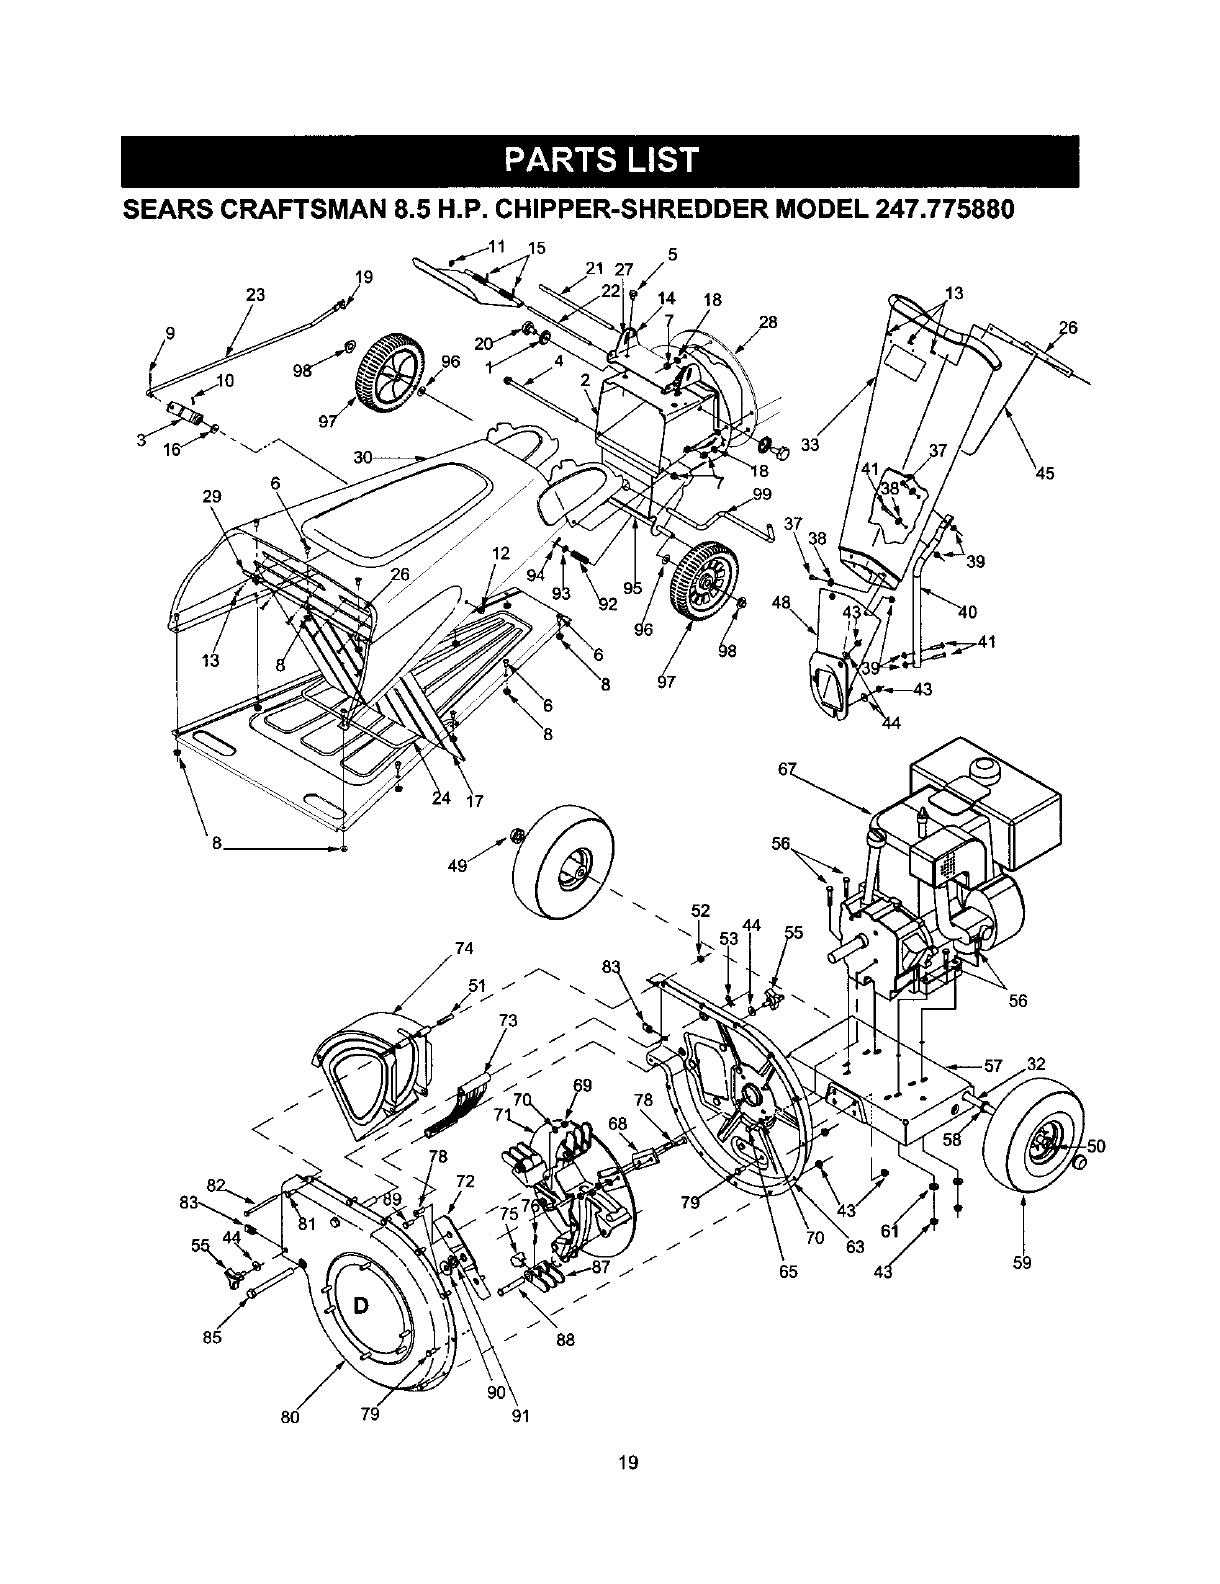 Craftsman 247.77588O, 77588 SEARS CRAFTSMAN 8.5 H.P